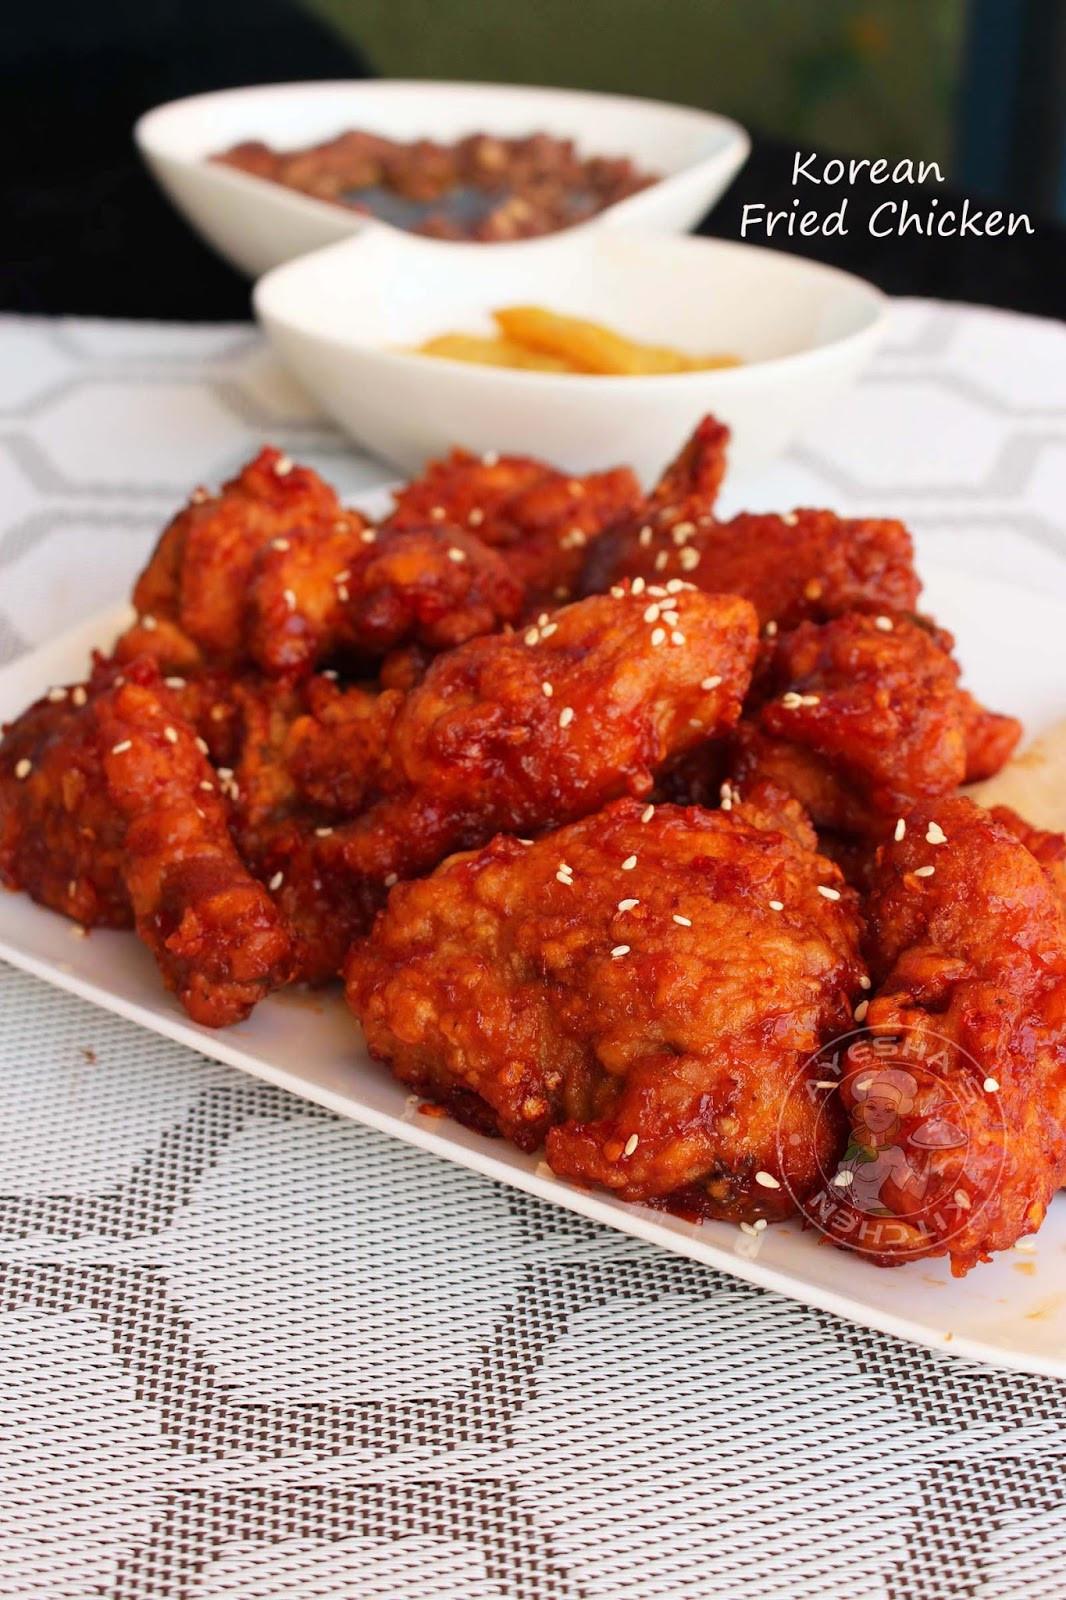 Fried Chicken Recipes  BEST FRIED CHICKEN RECIPE KOREAN FRIED CHICKEN